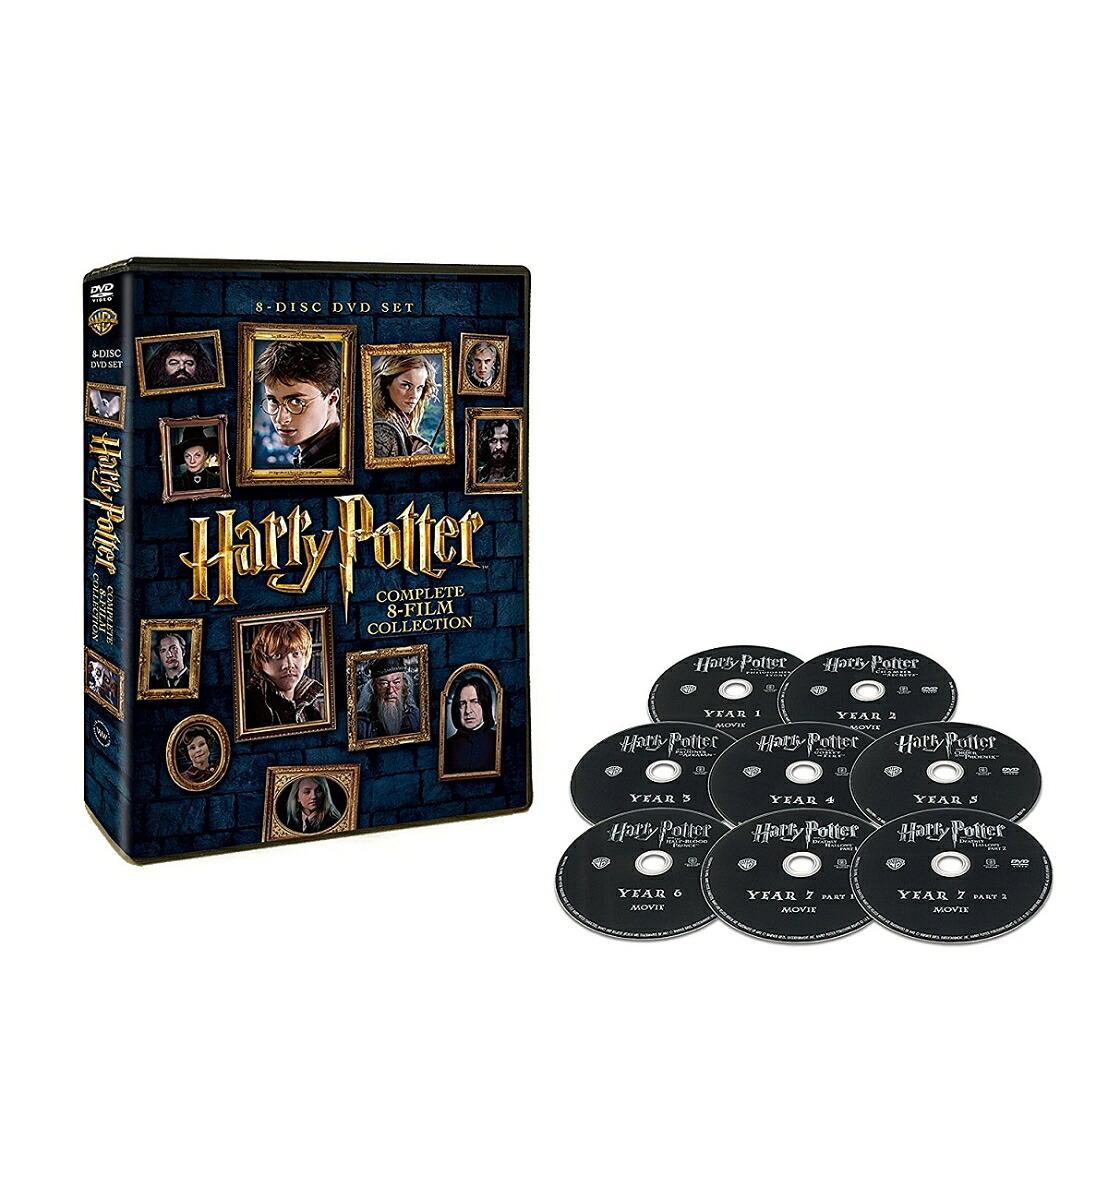 ハリー・ポッター 8-Film DVDセット[1000638985][DVD] 製品画像